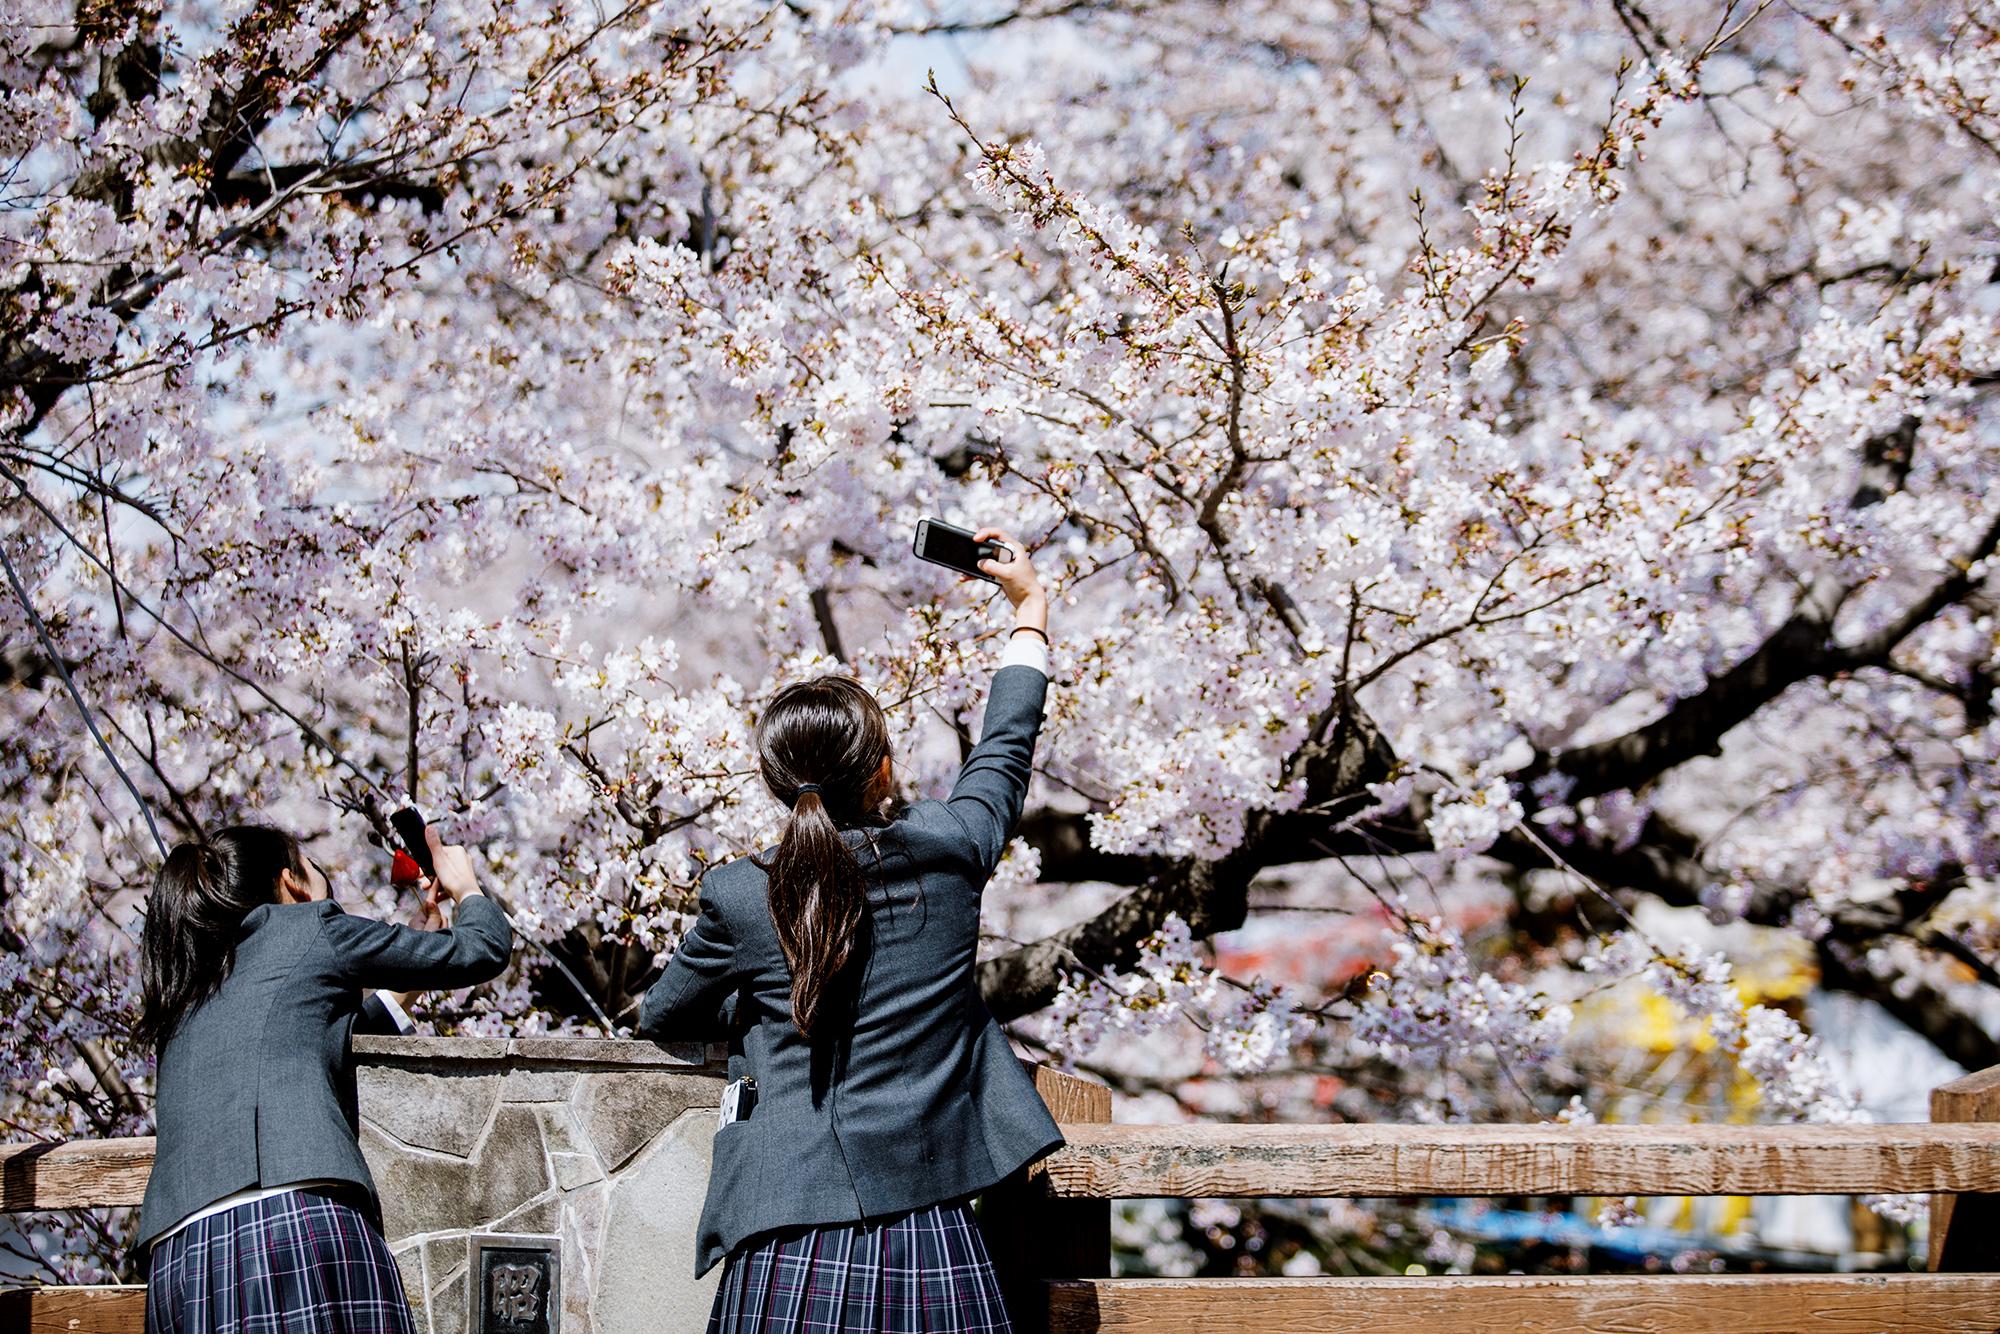 Студенты фотографируют деревья во время Фестиваля цветения вишни. Центральное зрелище праздника — ровная линия из1400 цветущих деревьев наобоих берегах реки Годзё вгороде Ивакура